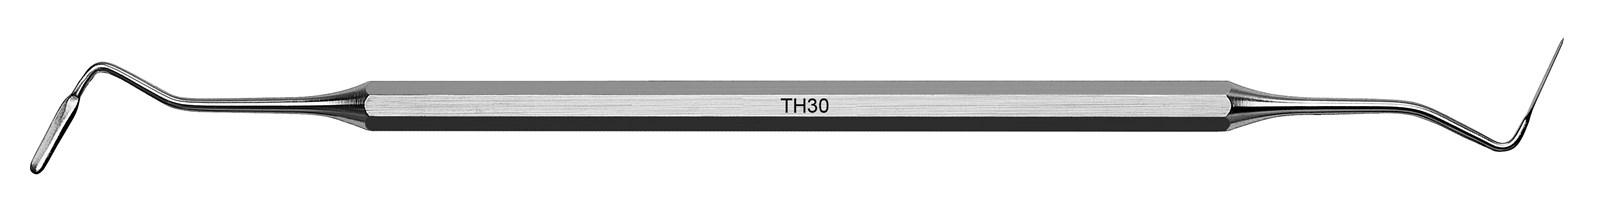 Periotom - TH30, ADEP světle zelený